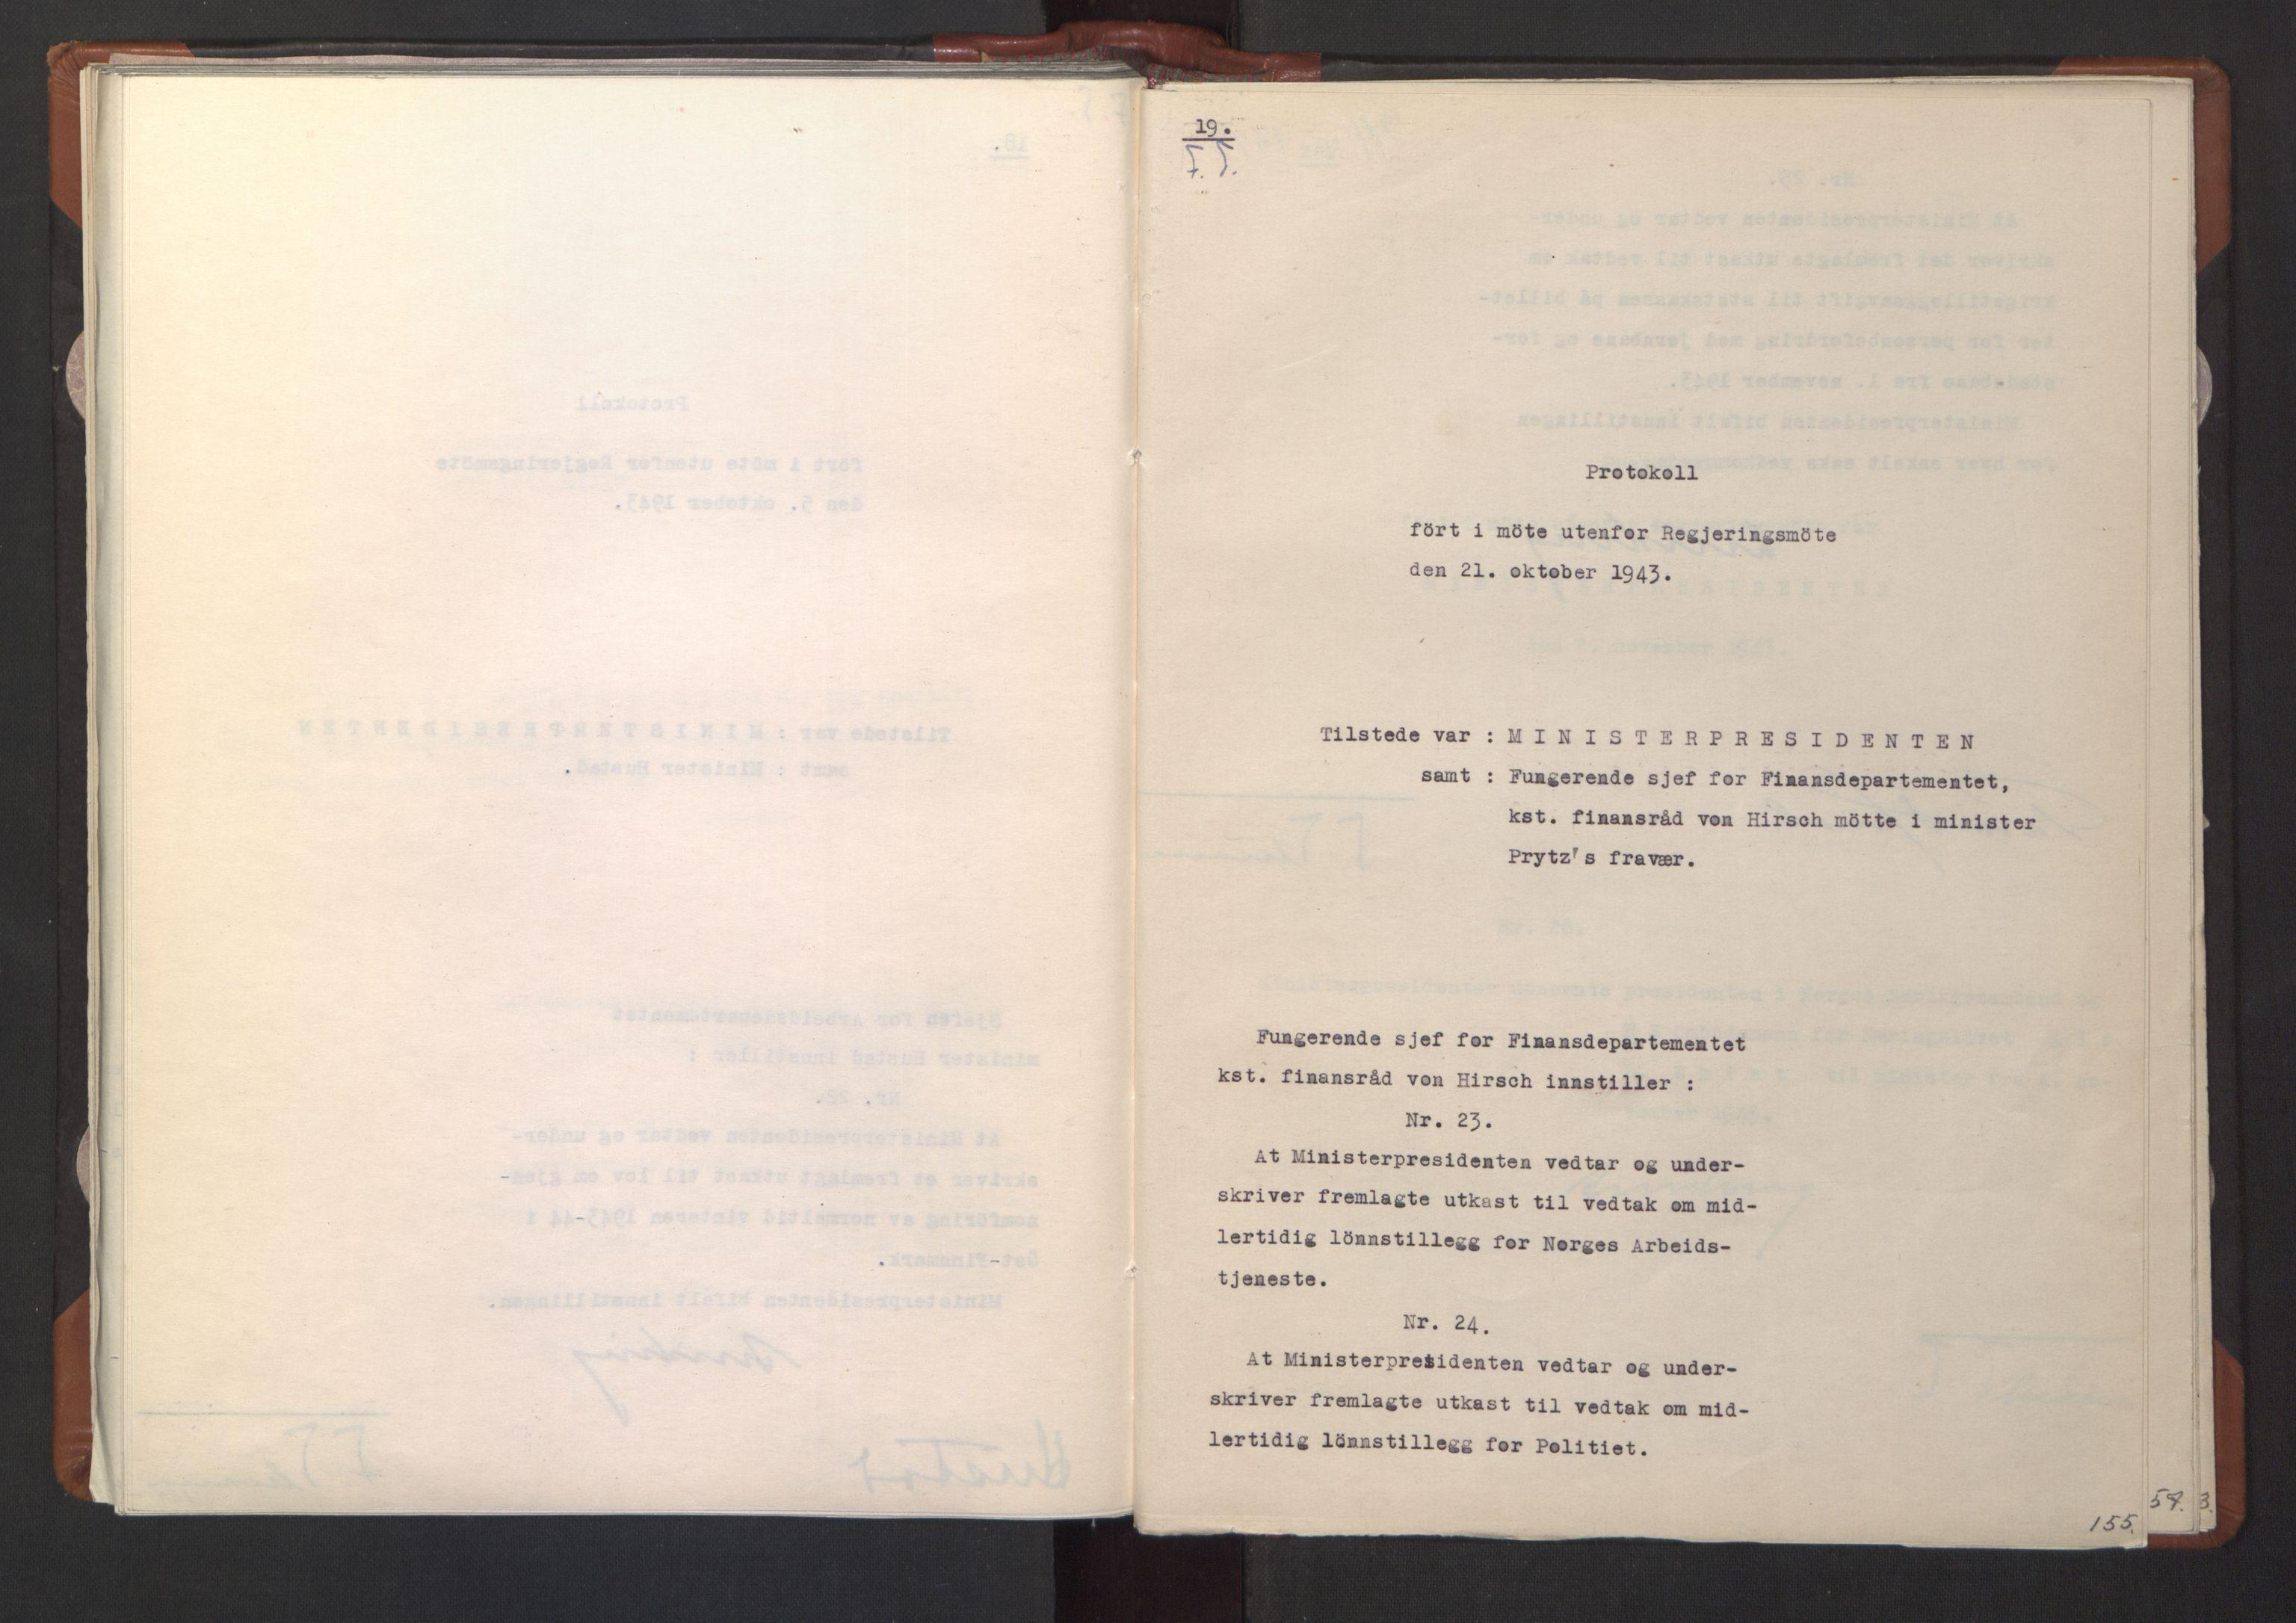 RA, NS-administrasjonen 1940-1945 (Statsrådsekretariatet, de kommisariske statsråder mm), D/Da/L0003: Vedtak (Beslutninger) nr. 1-746 og tillegg nr. 1-47 (RA. j.nr. 1394/1944, tilgangsnr. 8/1944, 1943, s. 154b-155a